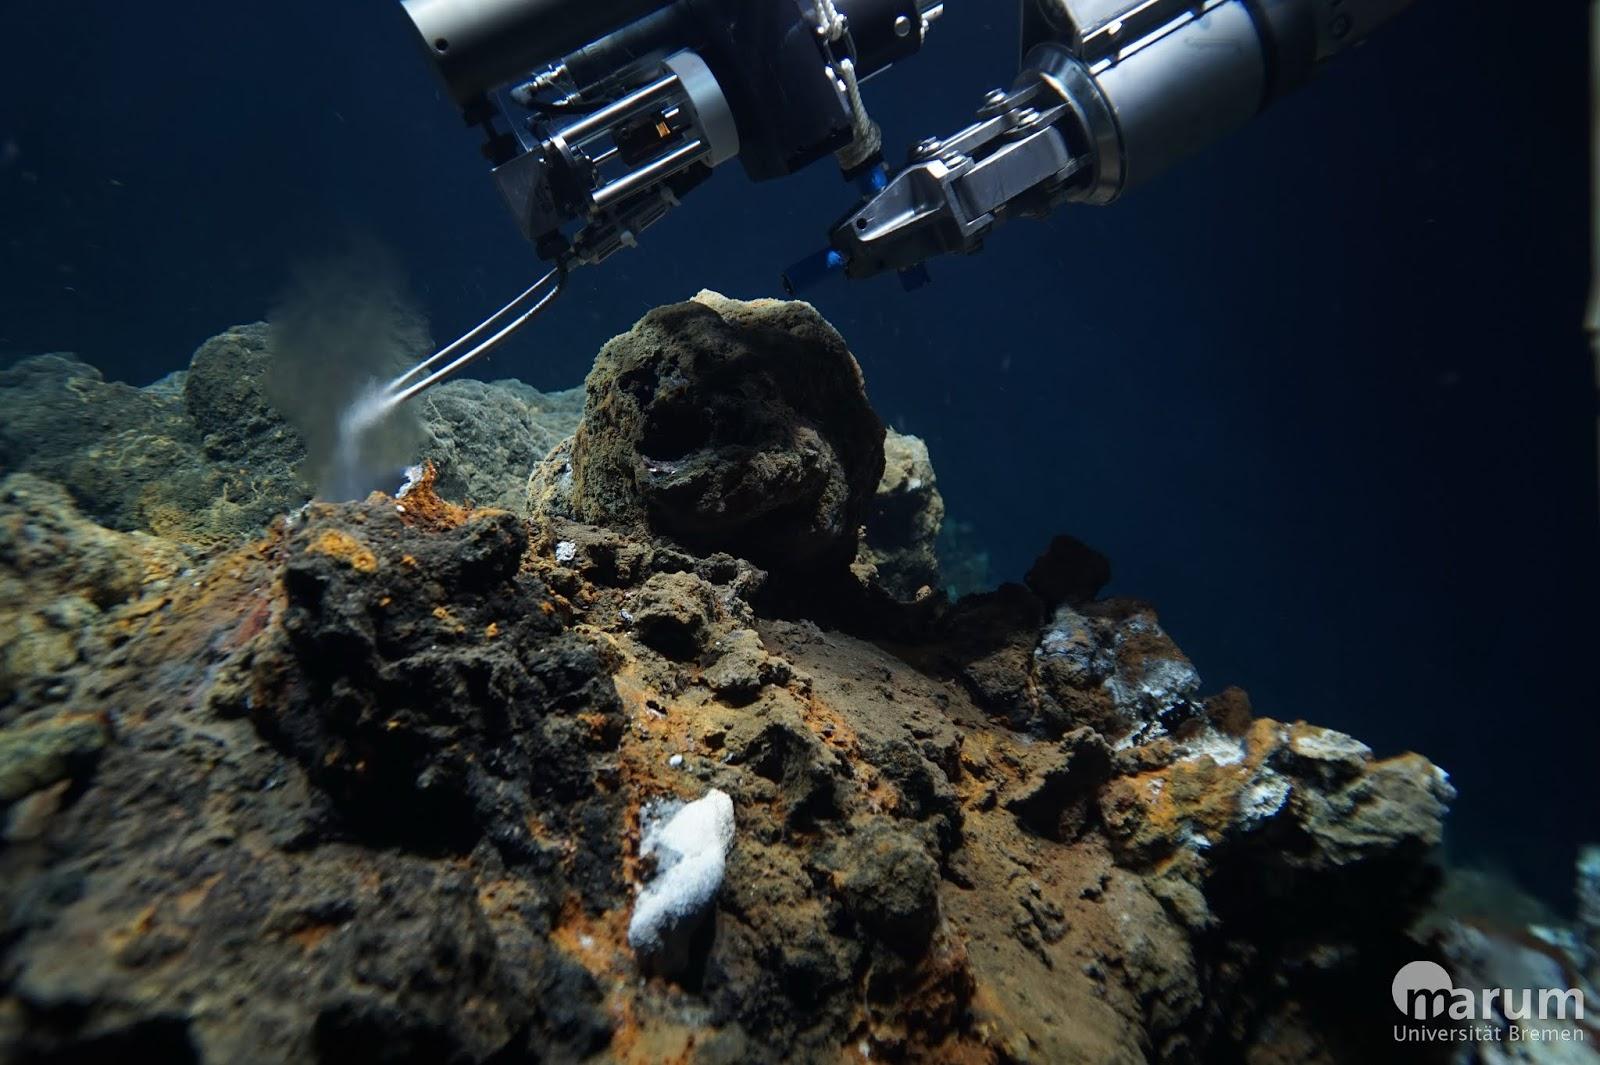 Bild eines Tauchroboters unter Wasser